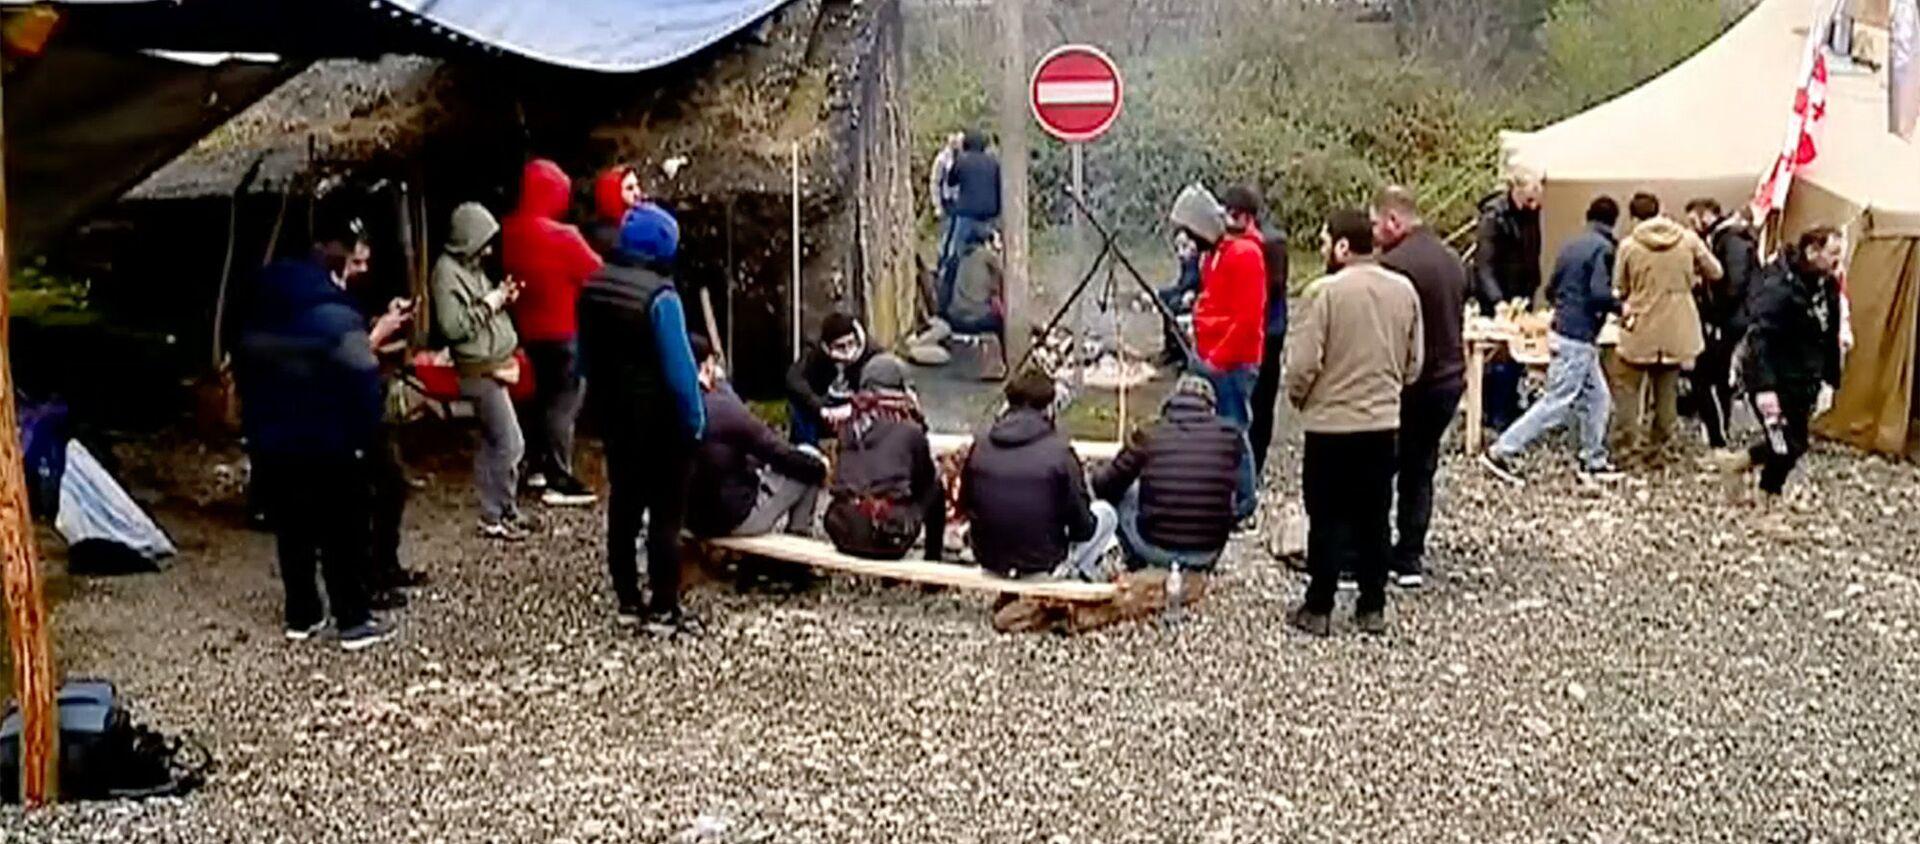 Акция протеста местных активистов на месте строительства Намахвани ГЭС 13 апреля 2021 года - Sputnik Грузия, 1920, 14.04.2021